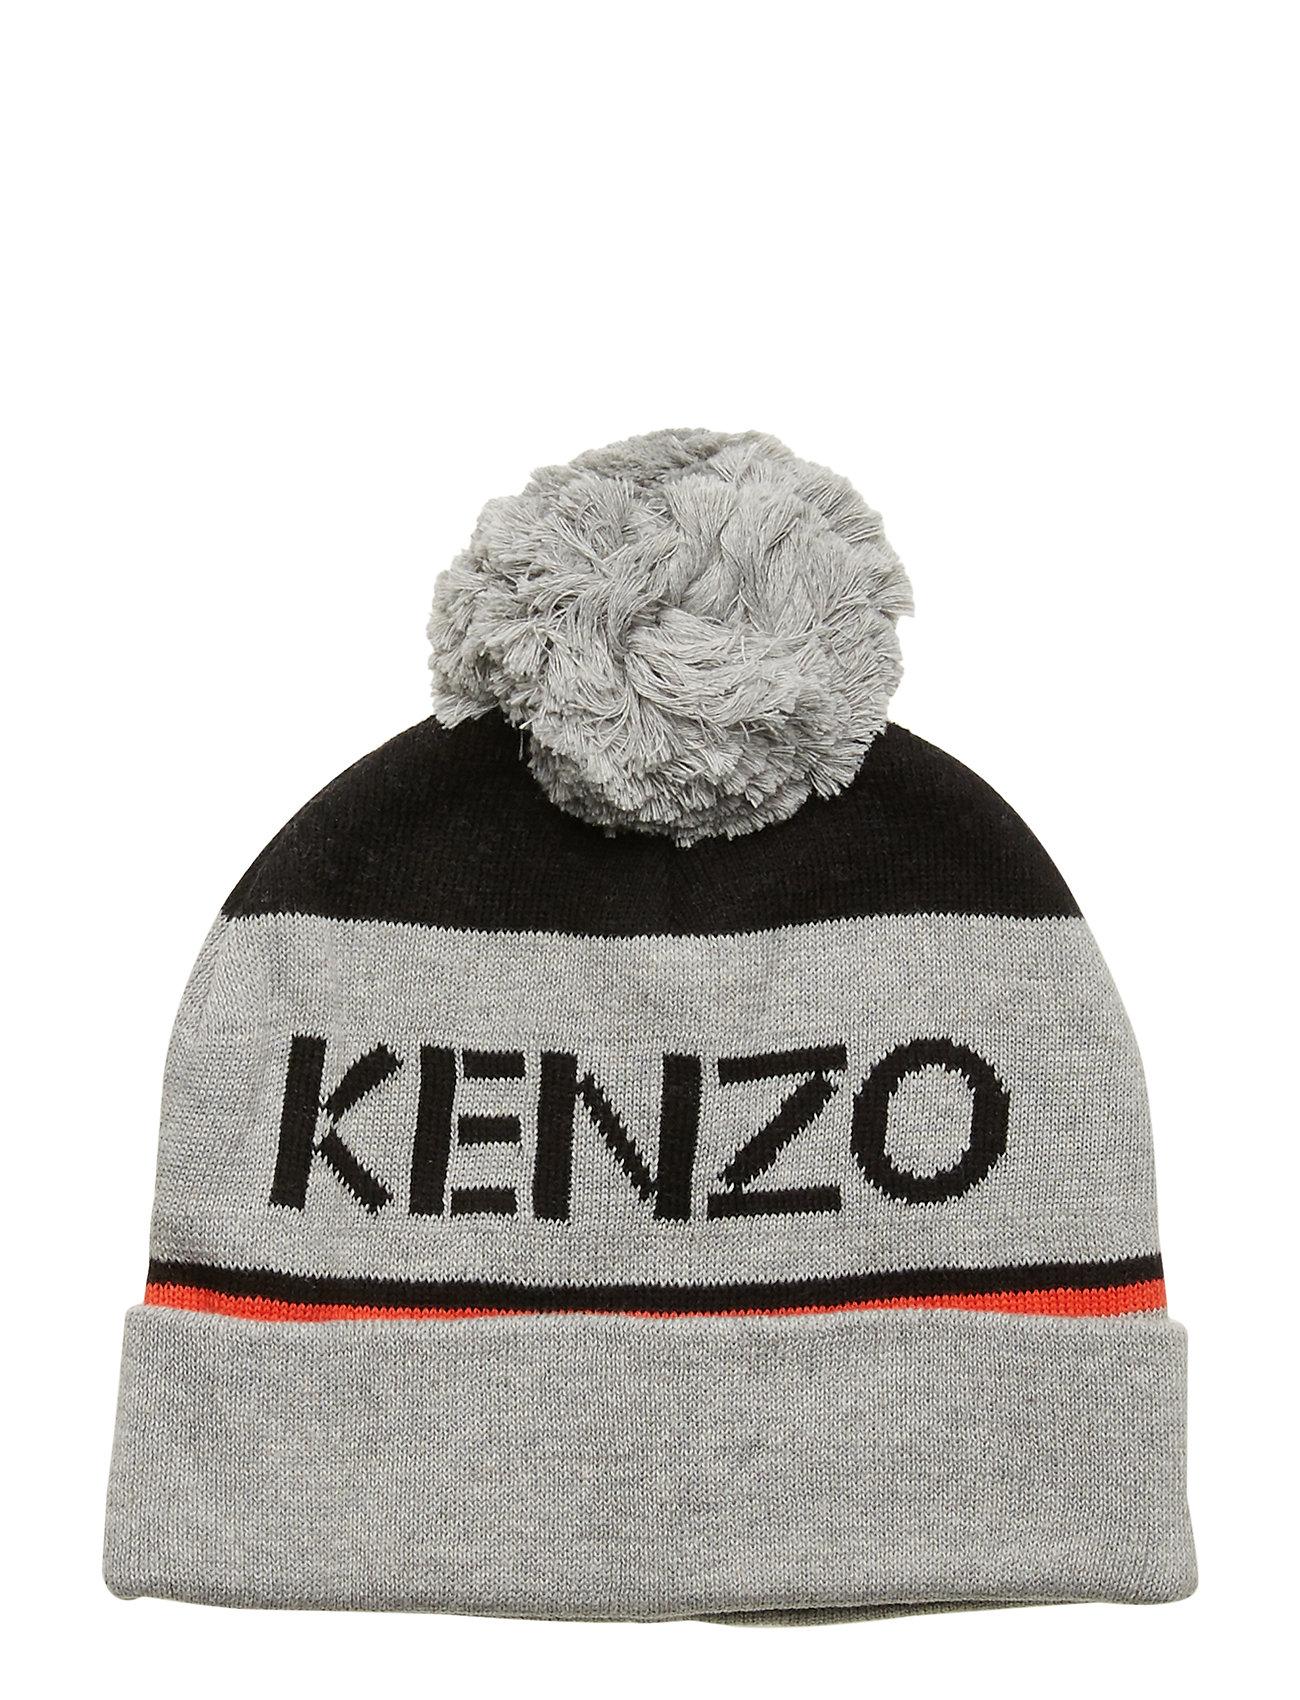 Kenzo LOGO JB 20 - GREY